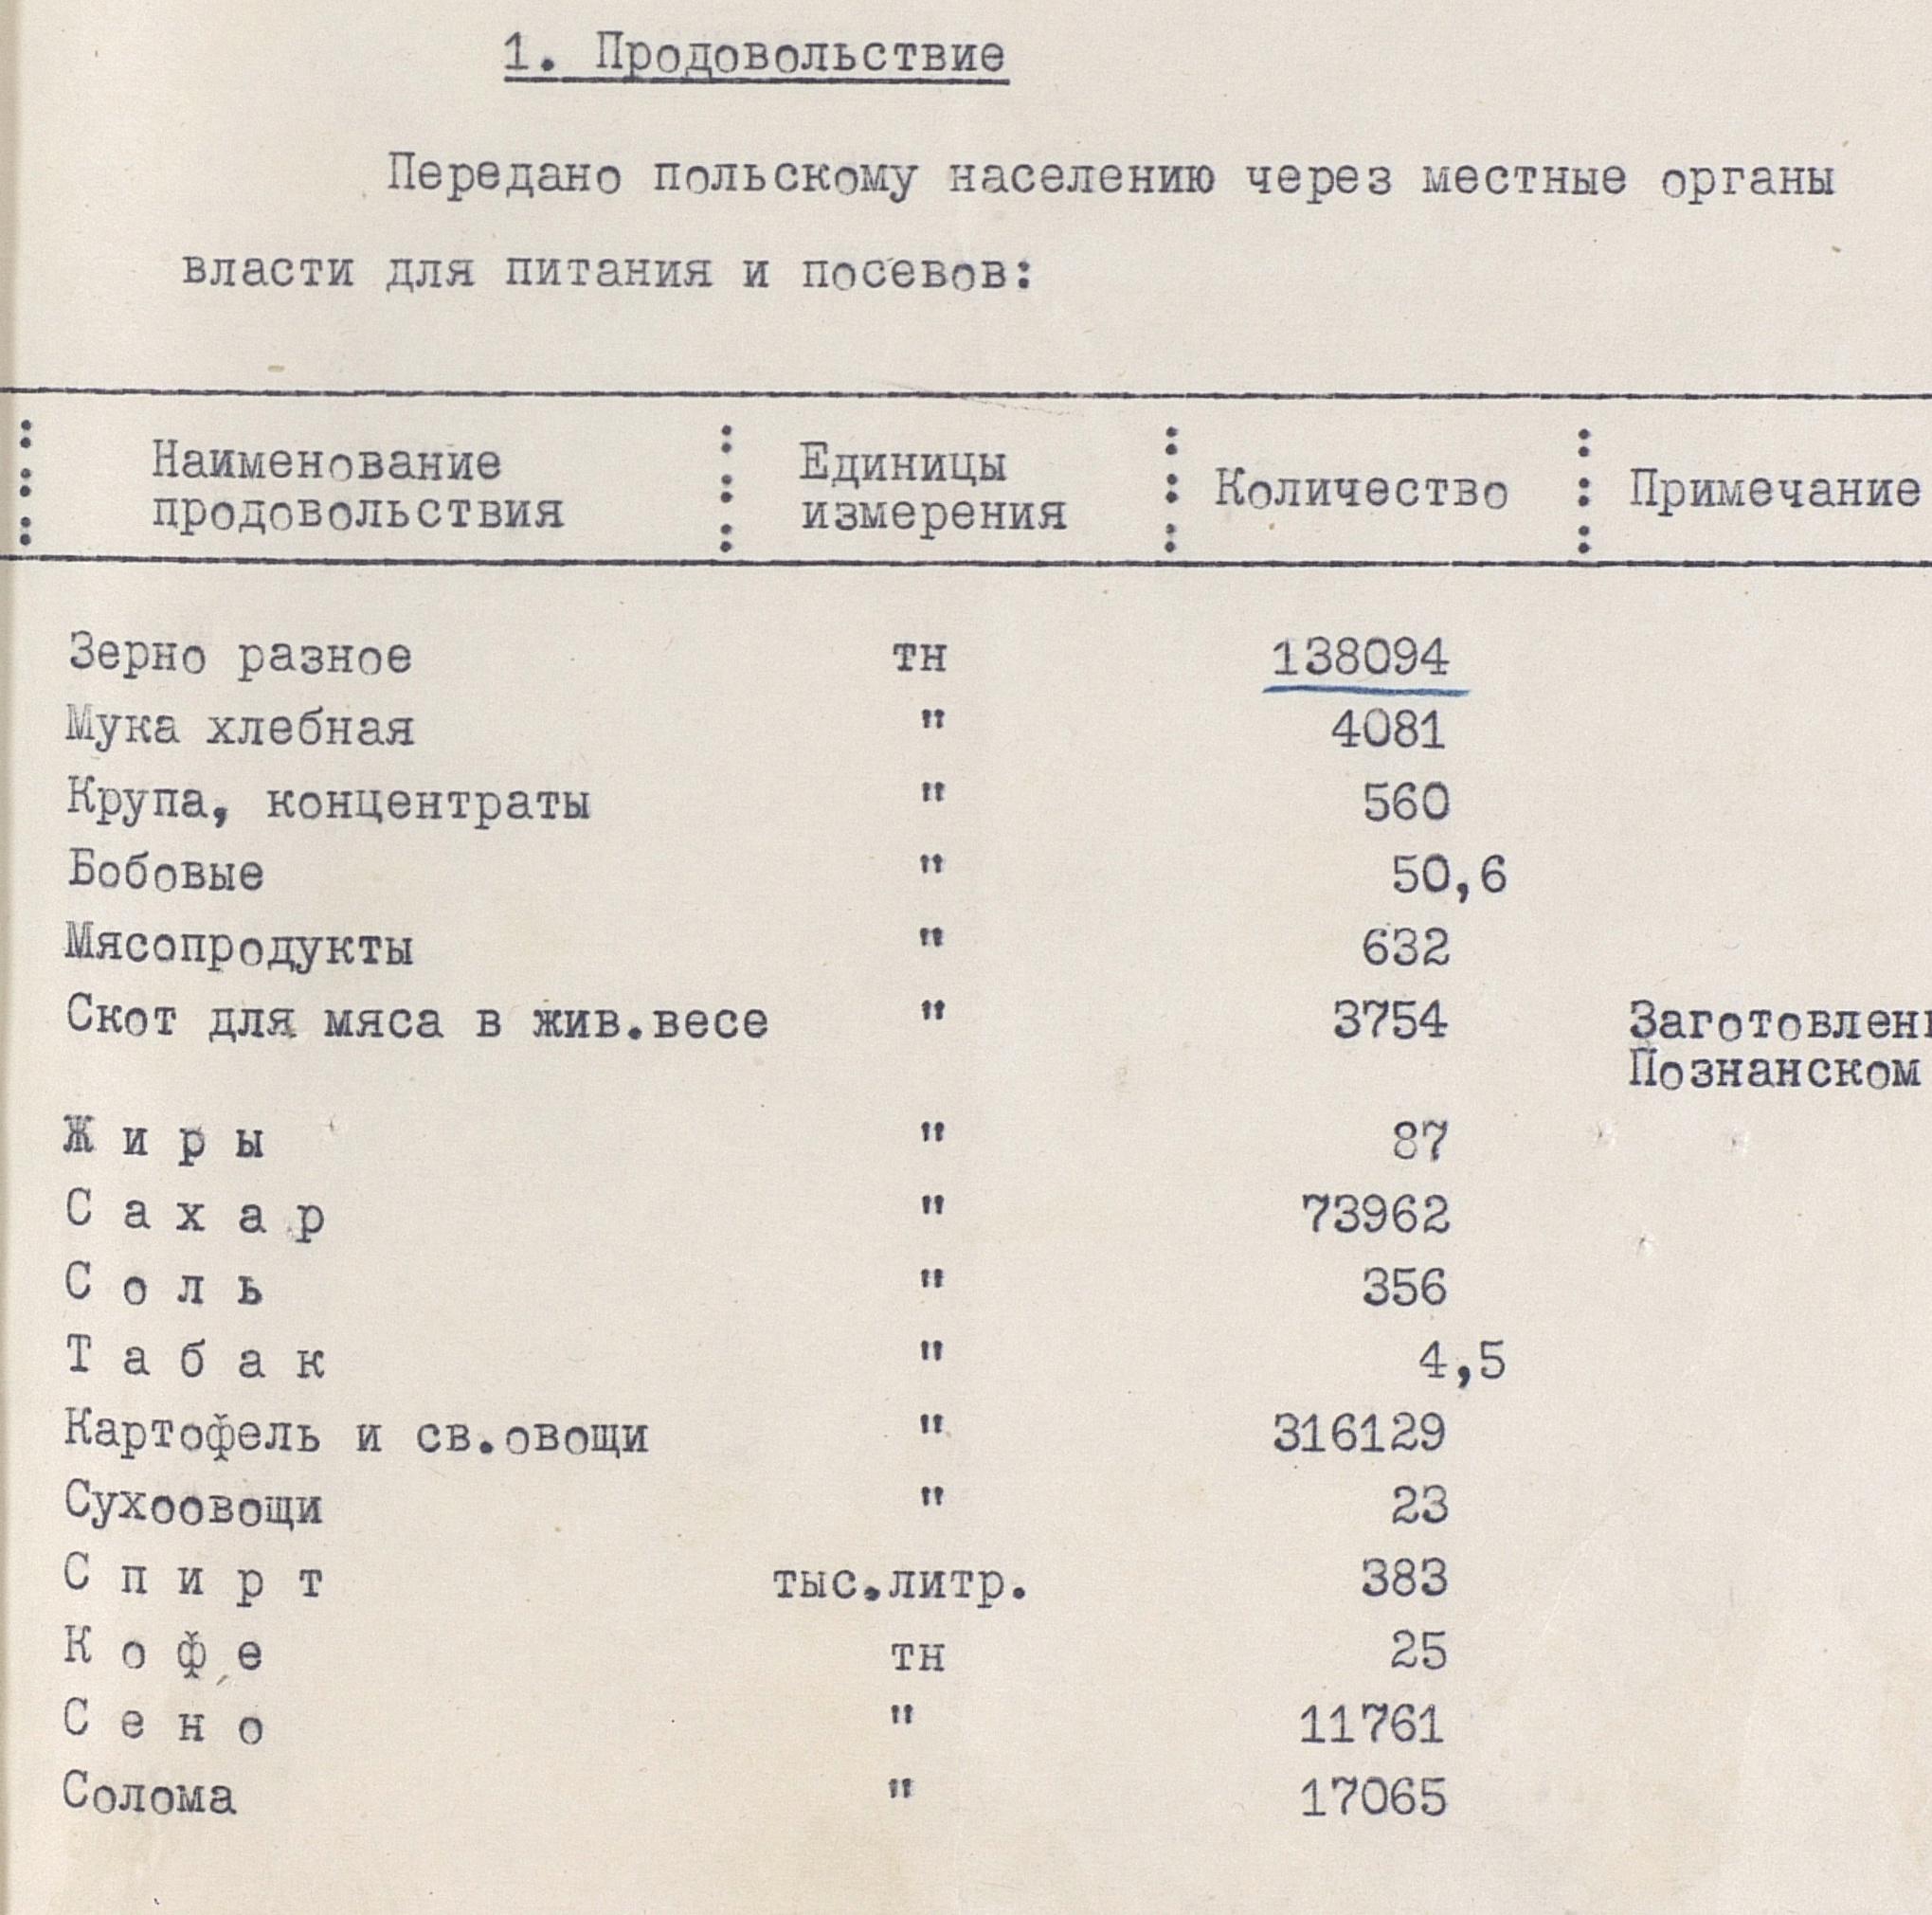 Справка об экономической помощи Польше от 06.02.1946